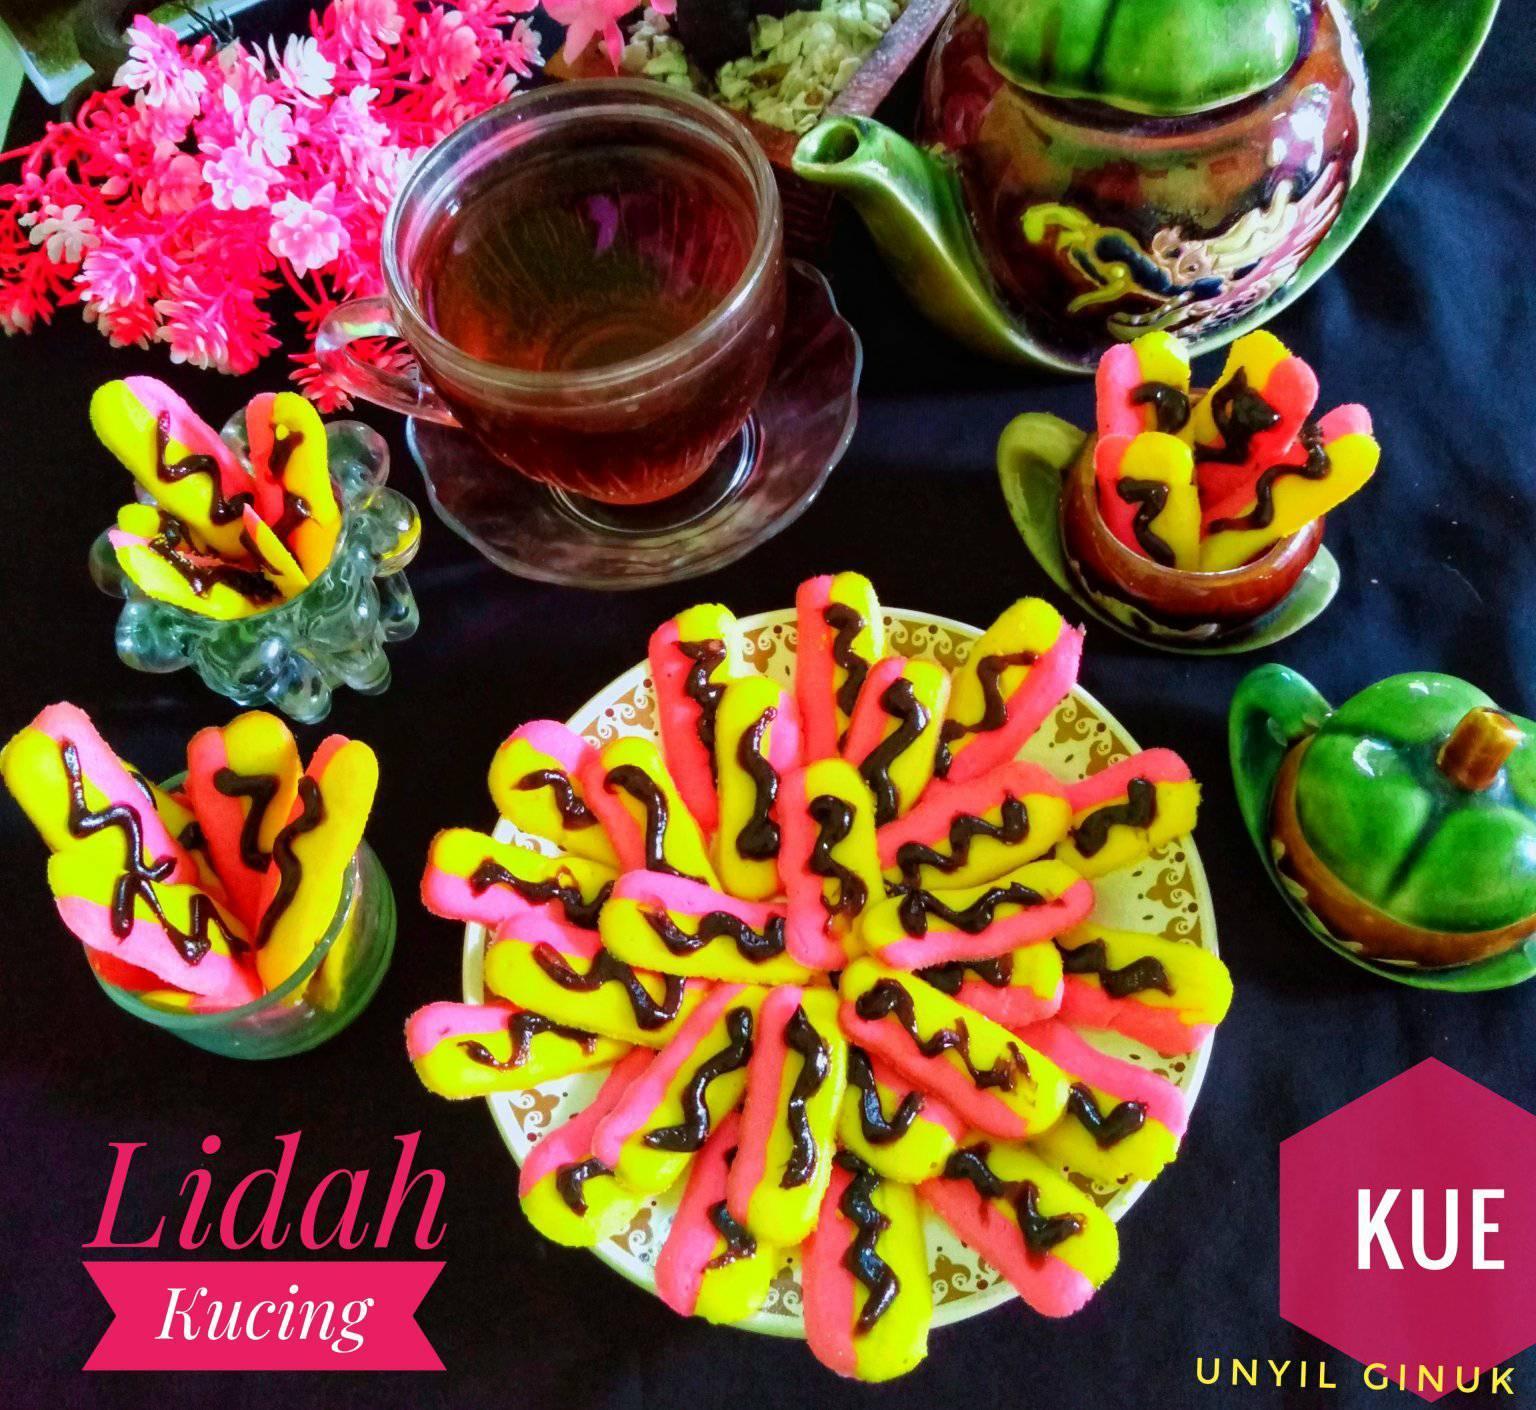 membuat kue kering Kue Lidah Kucing by Annansya Aina 3